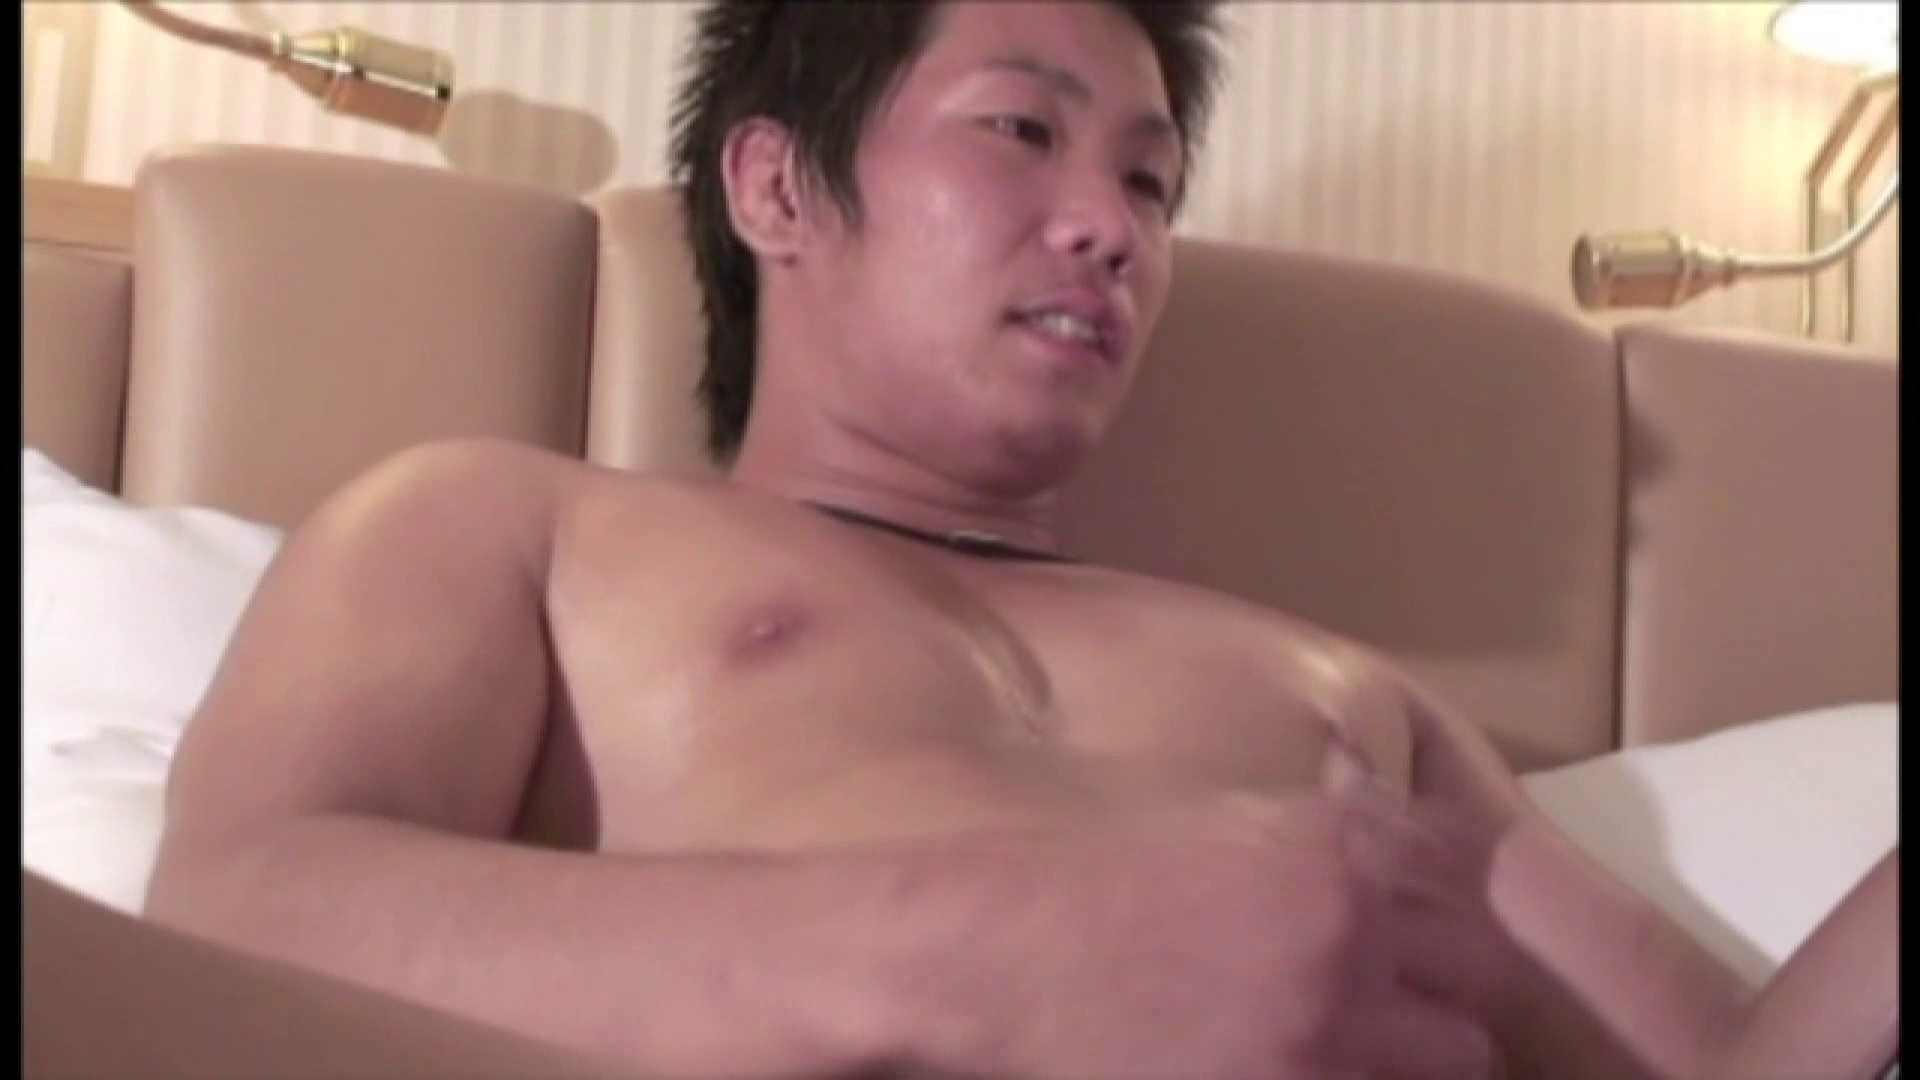 ノンケイケメンの欲望と肉棒 Vol.25 エロ ゲイ無修正動画画像 40連発 34